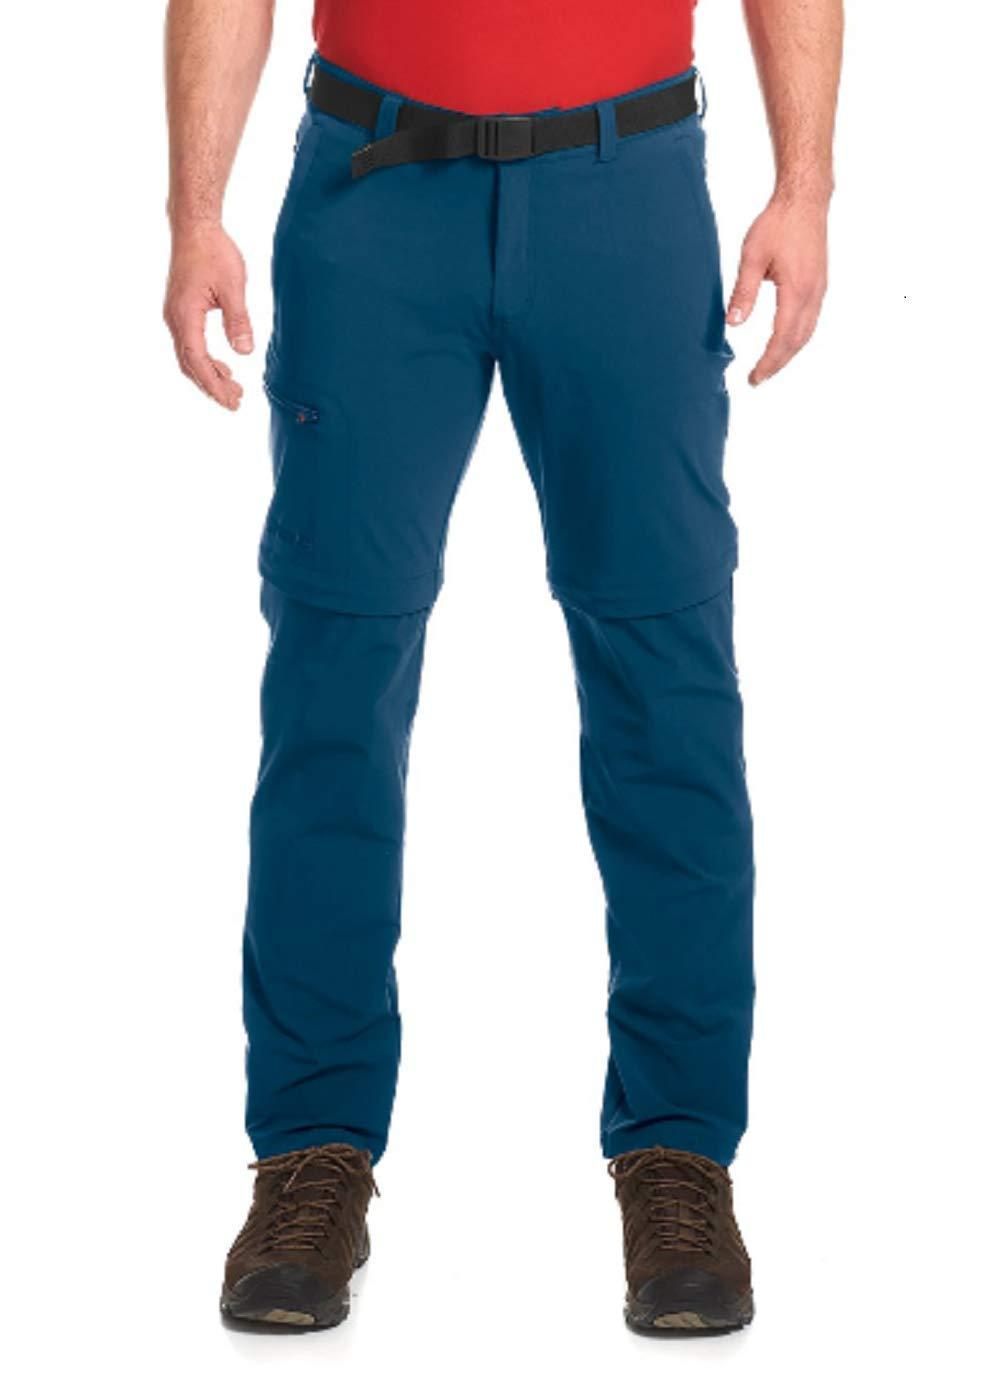 Ensign bleu Taille 33 Maier Sports Tajo Pantalon à Fermeture éclair pour Homme Marron Teak XS